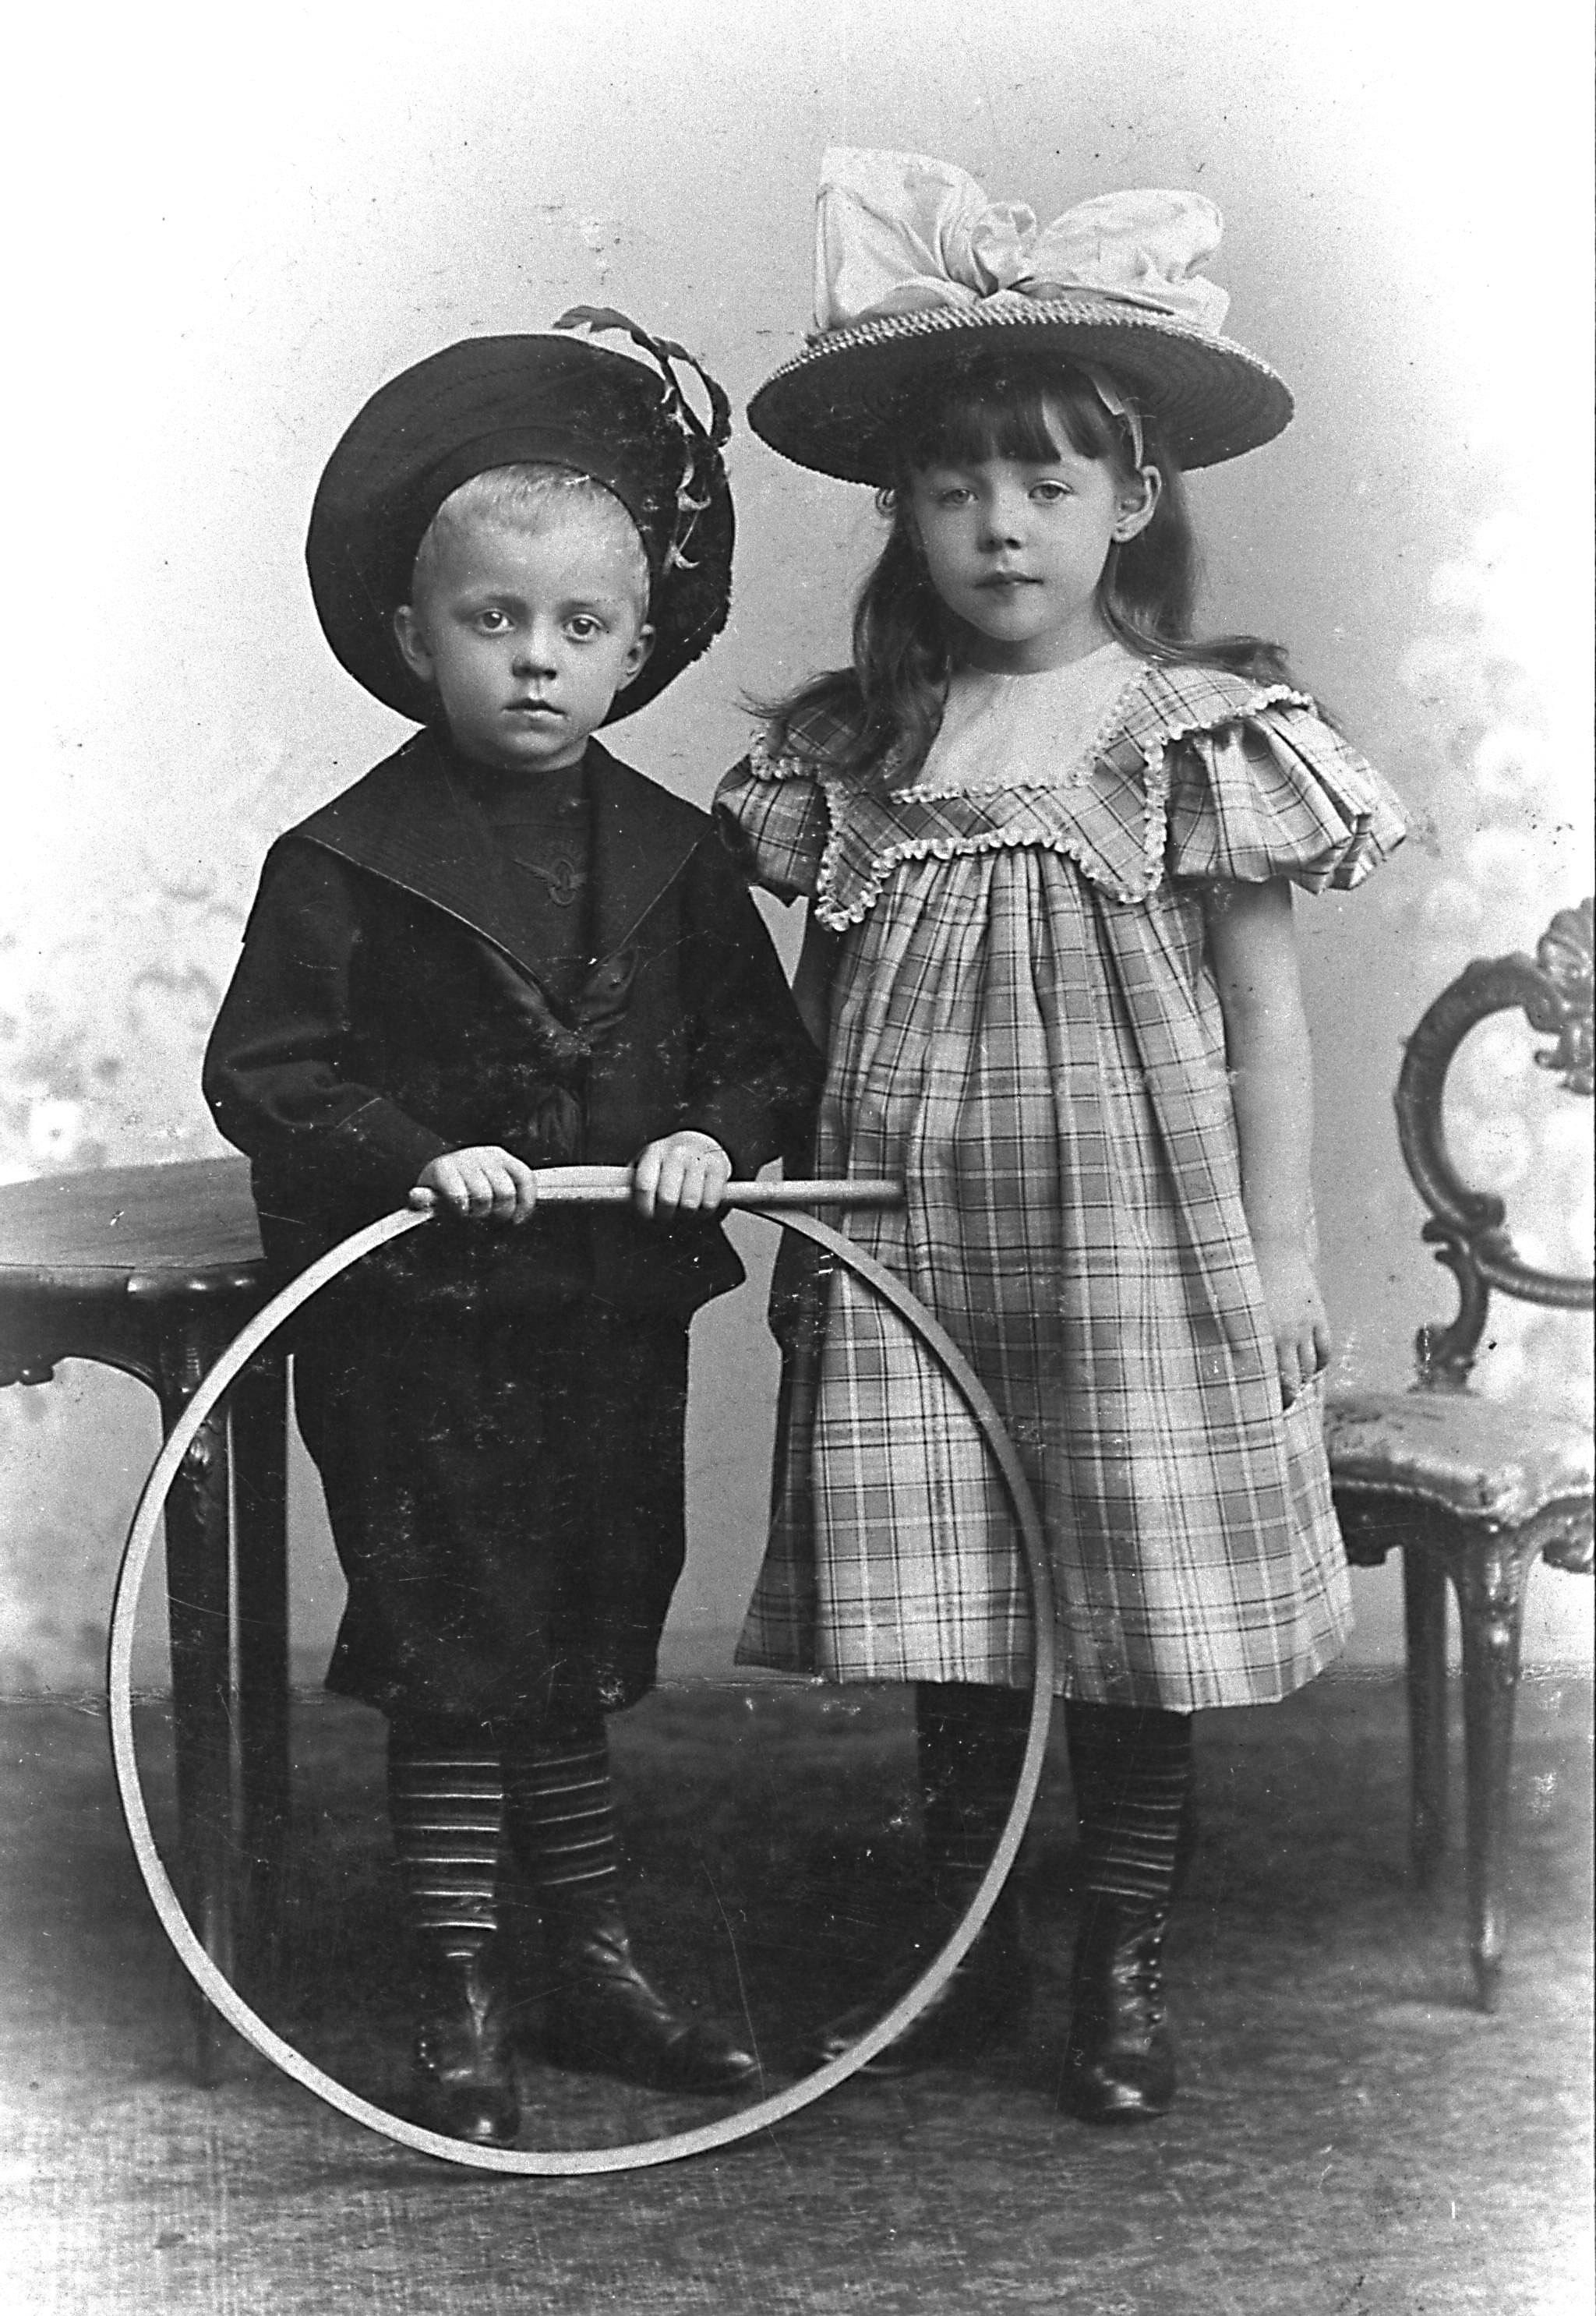 File:Siblings 1900 hg.jpg